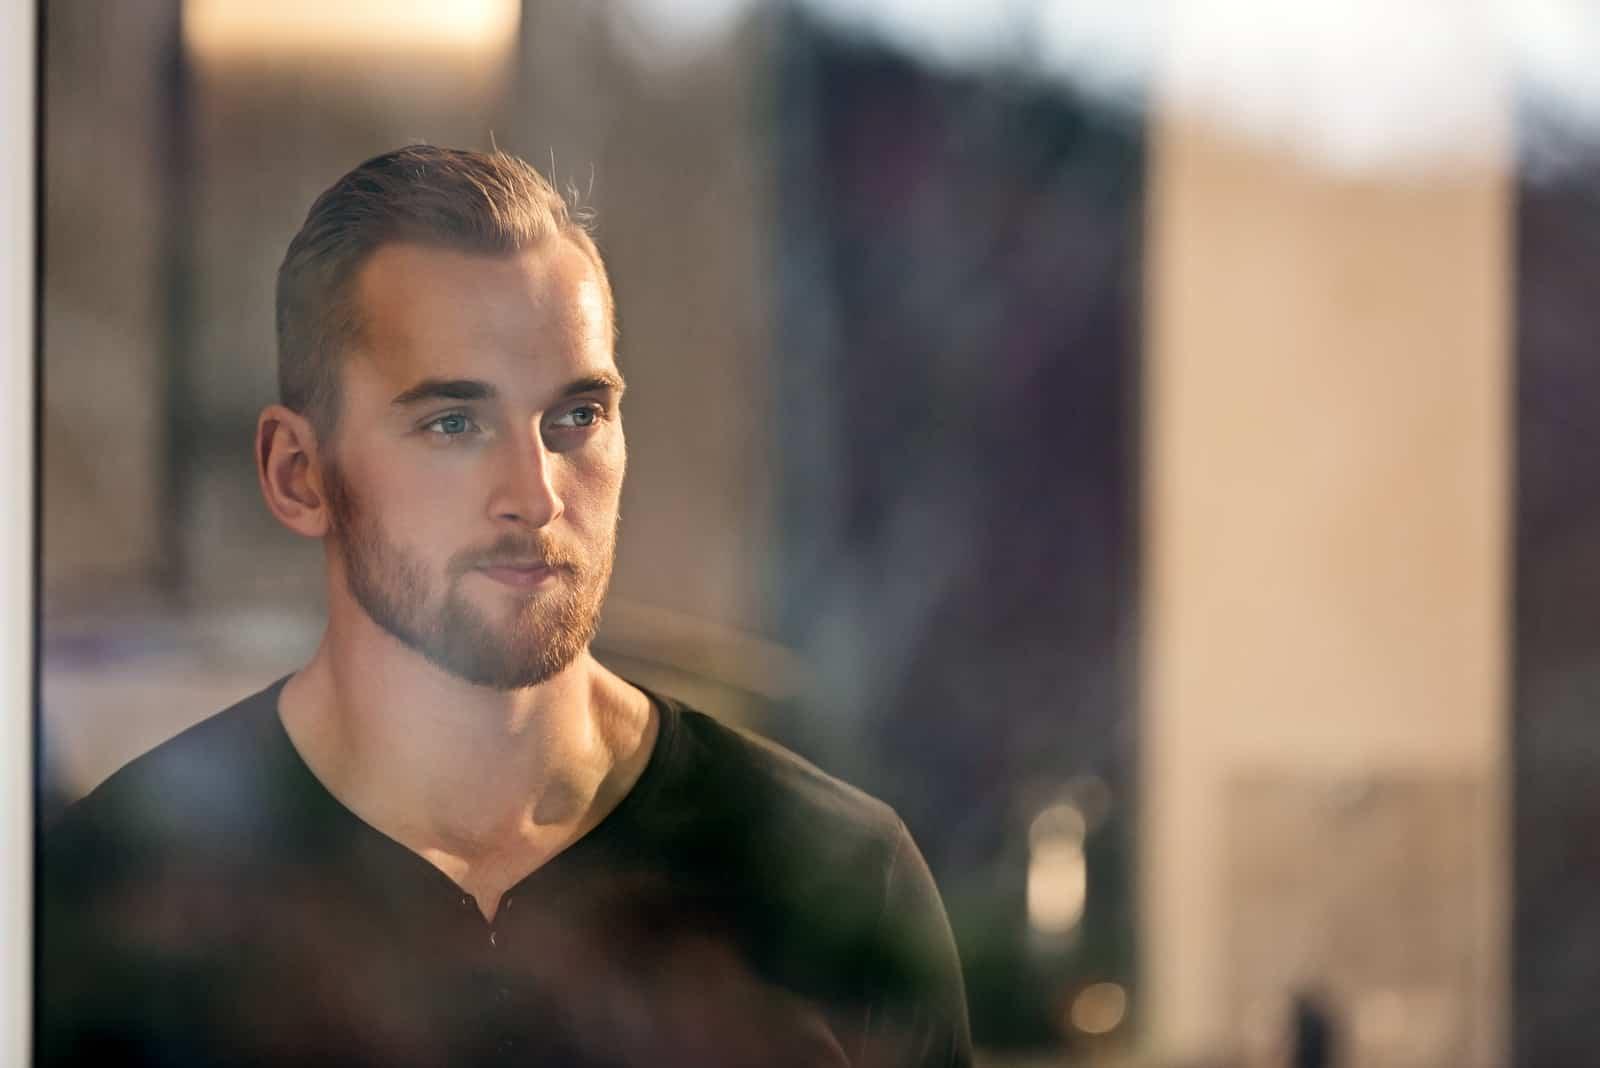 Mann trägt ein schwarzes langärmeliges Hemd